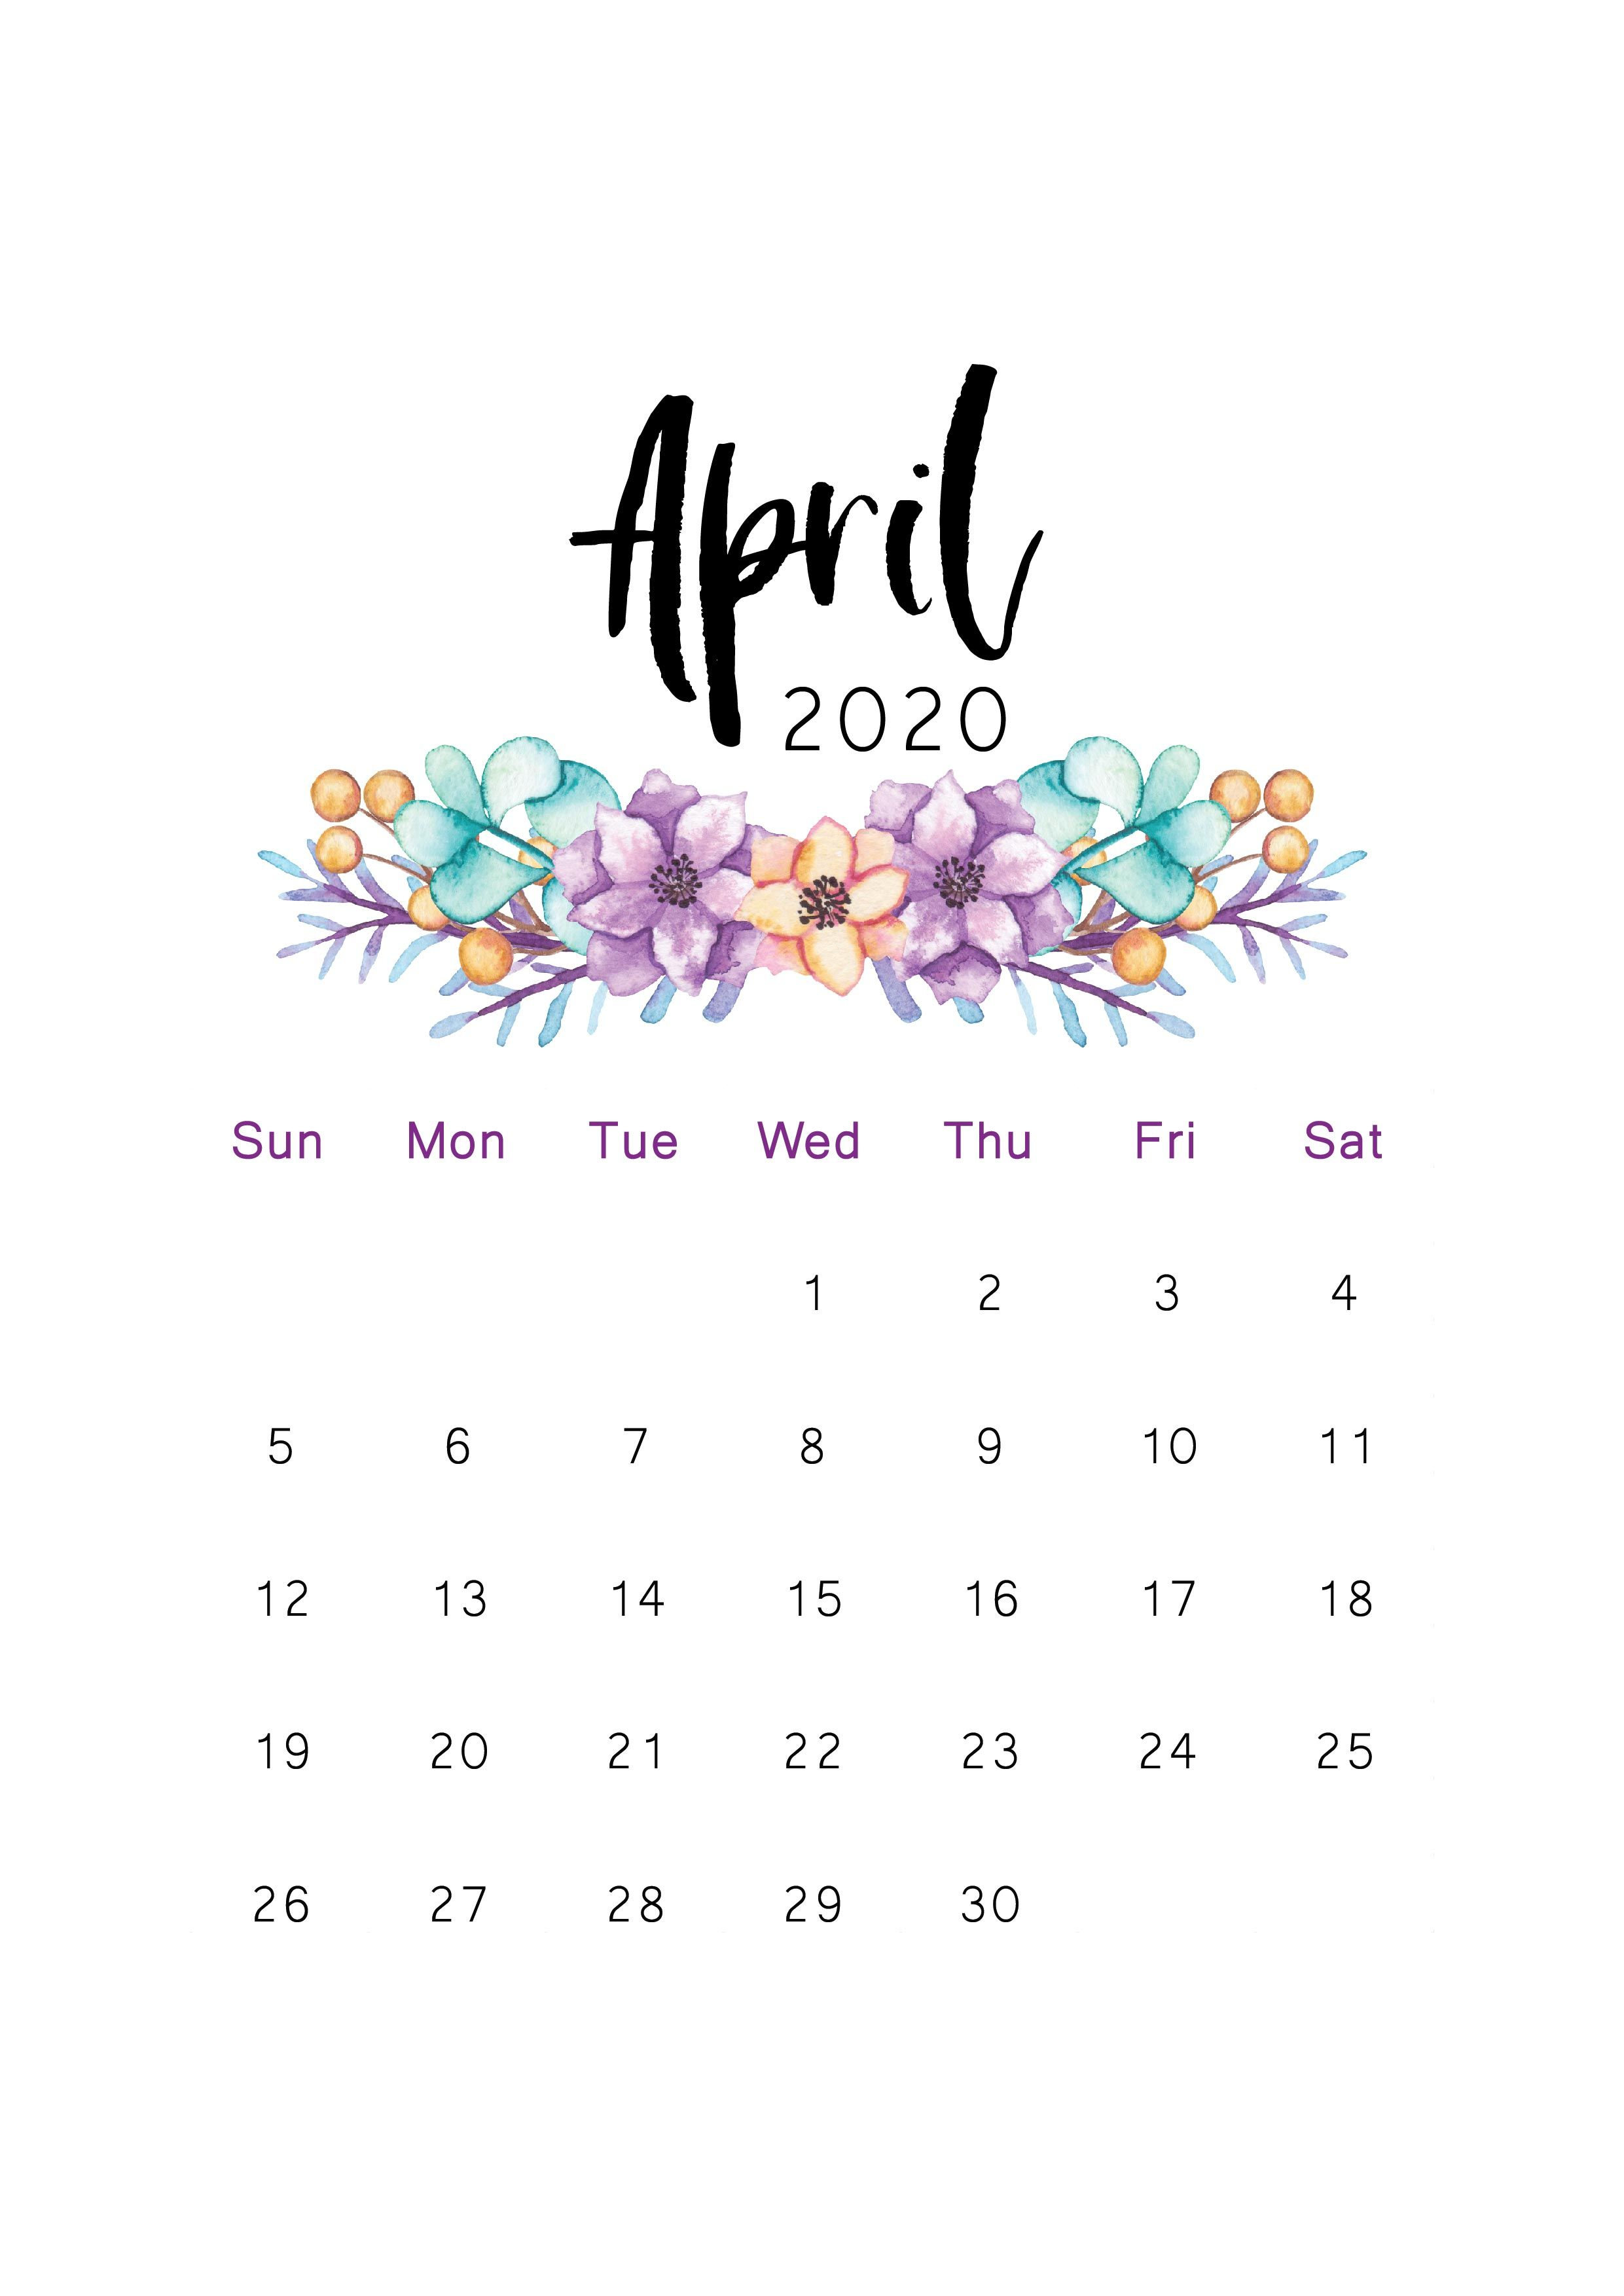 April 2020 Printable Calendar Di 2020 Kalender Belajar Ide